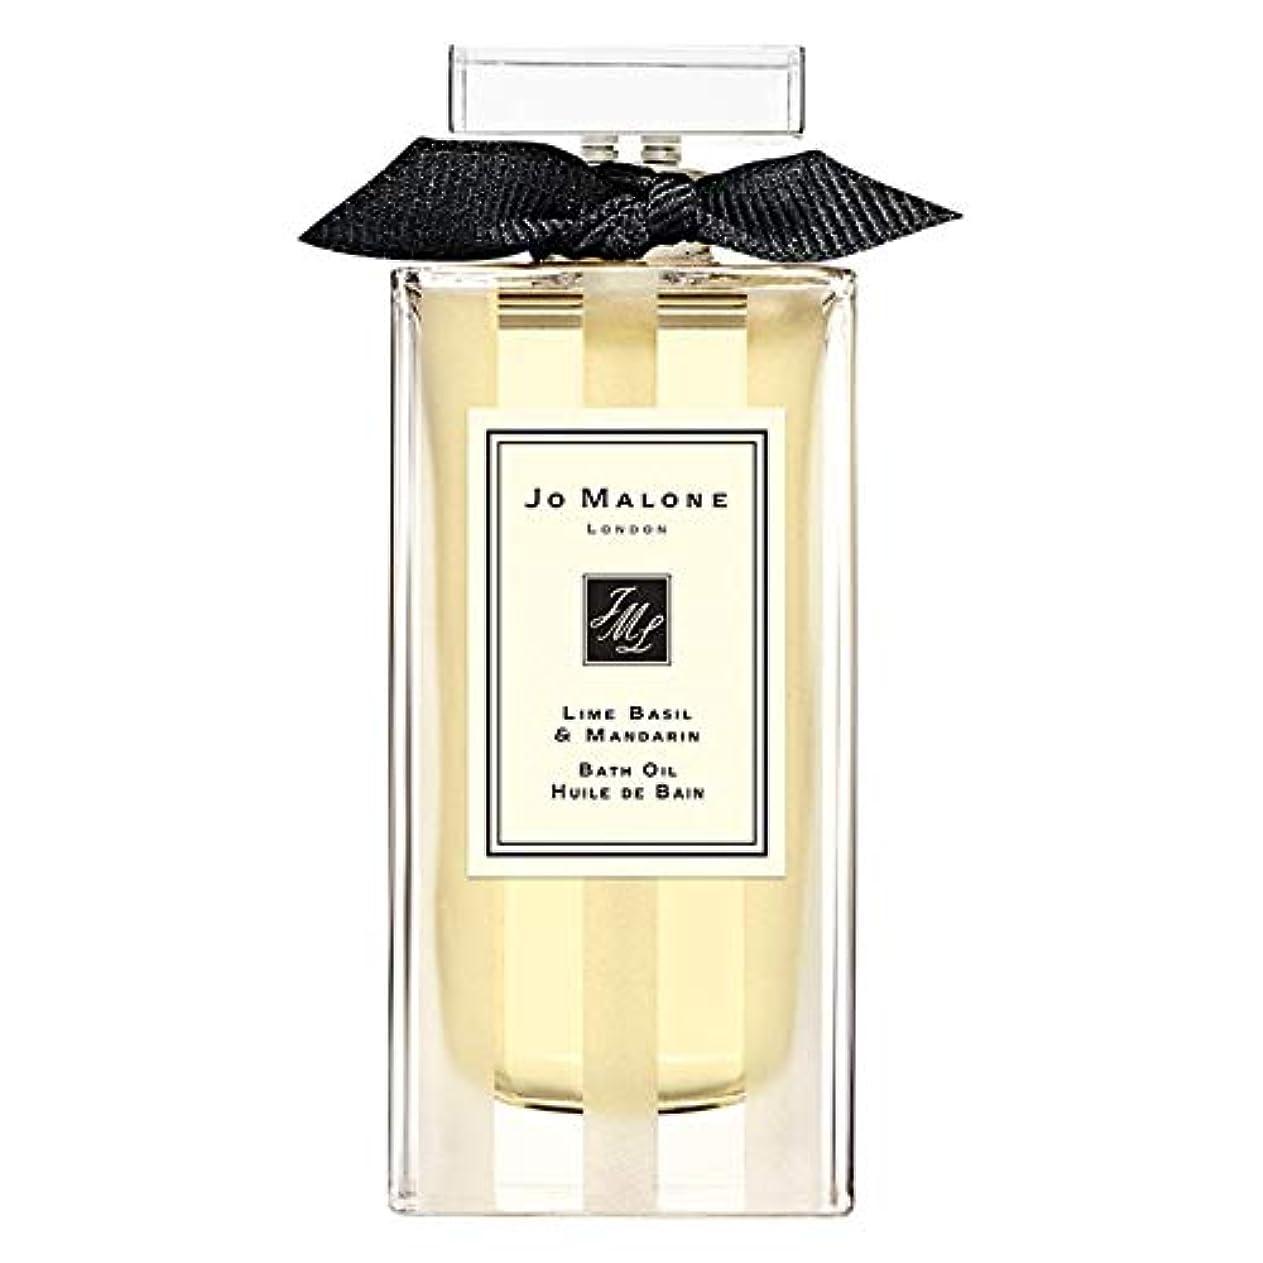 コカインその間条約[Jo Malone ] ジョーマローンロンドンライムバジル&マンダリンバスオイル30ミリリットル - Jo Malone London Lime Basil & Mandarin Bath Oil 30ml [並行輸入品]